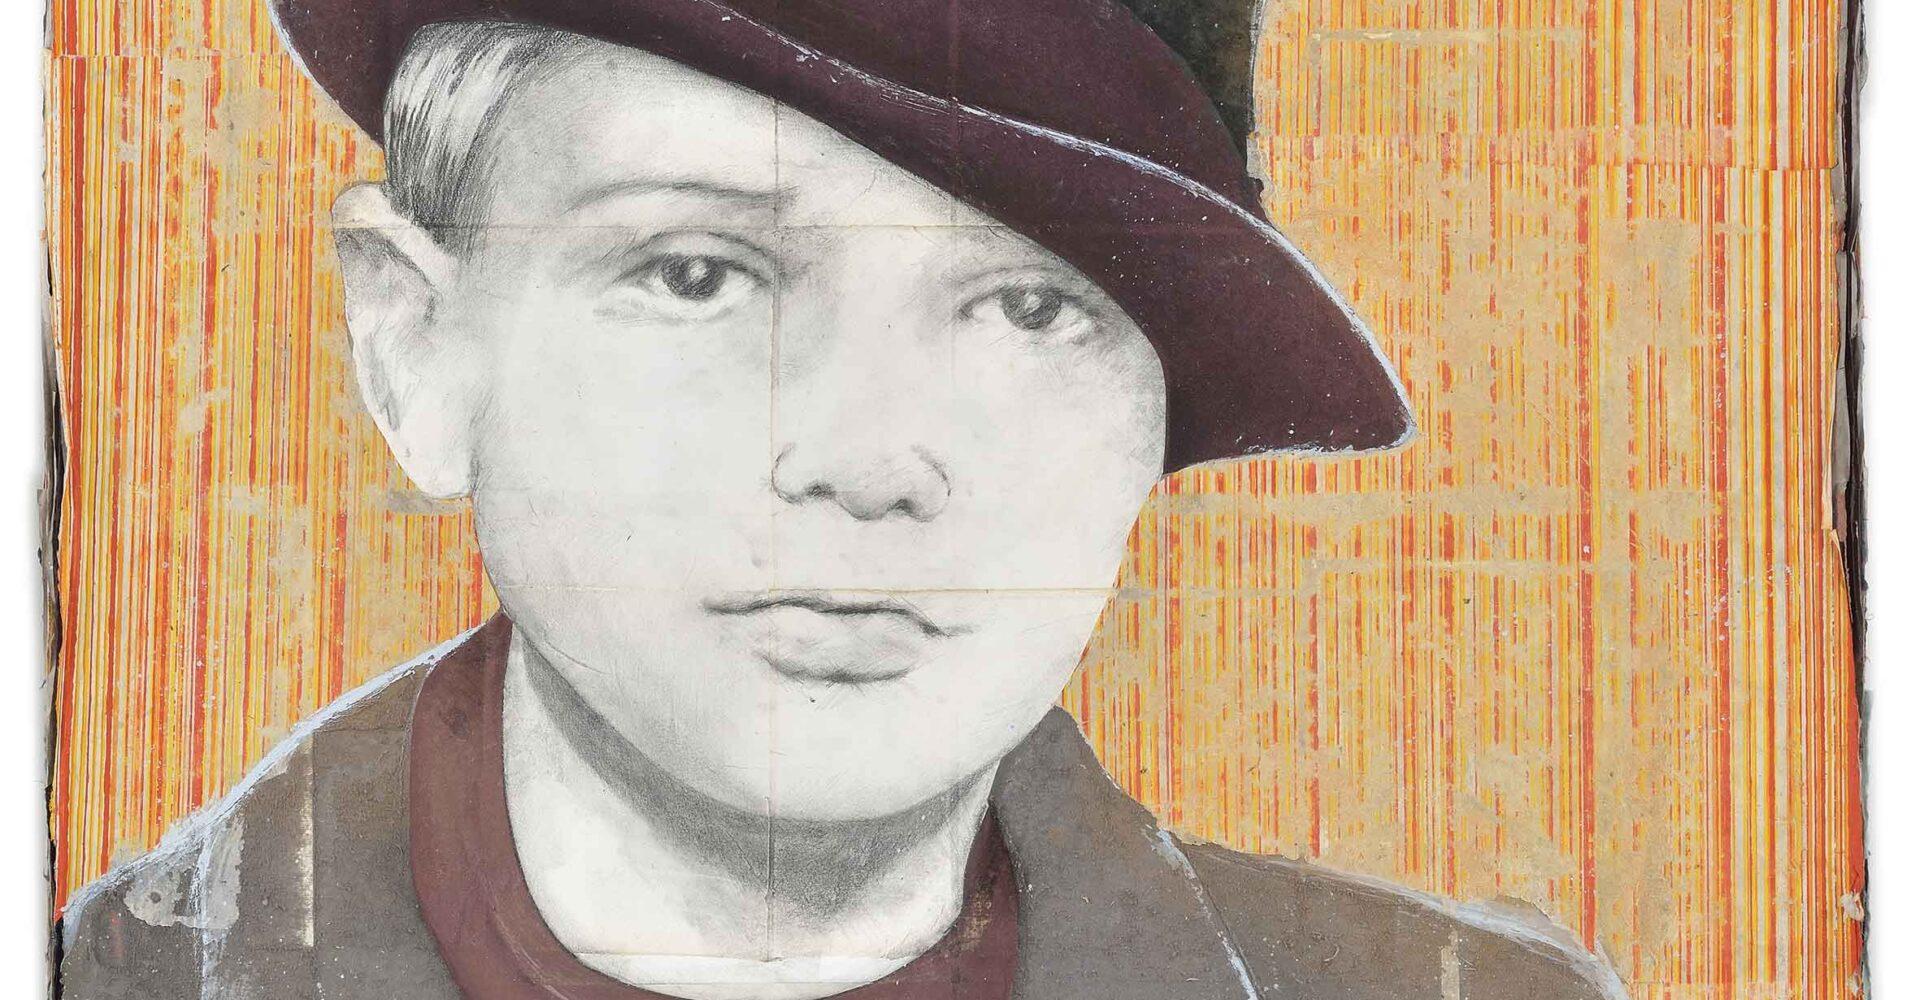 Portrait of Pasolini 2016